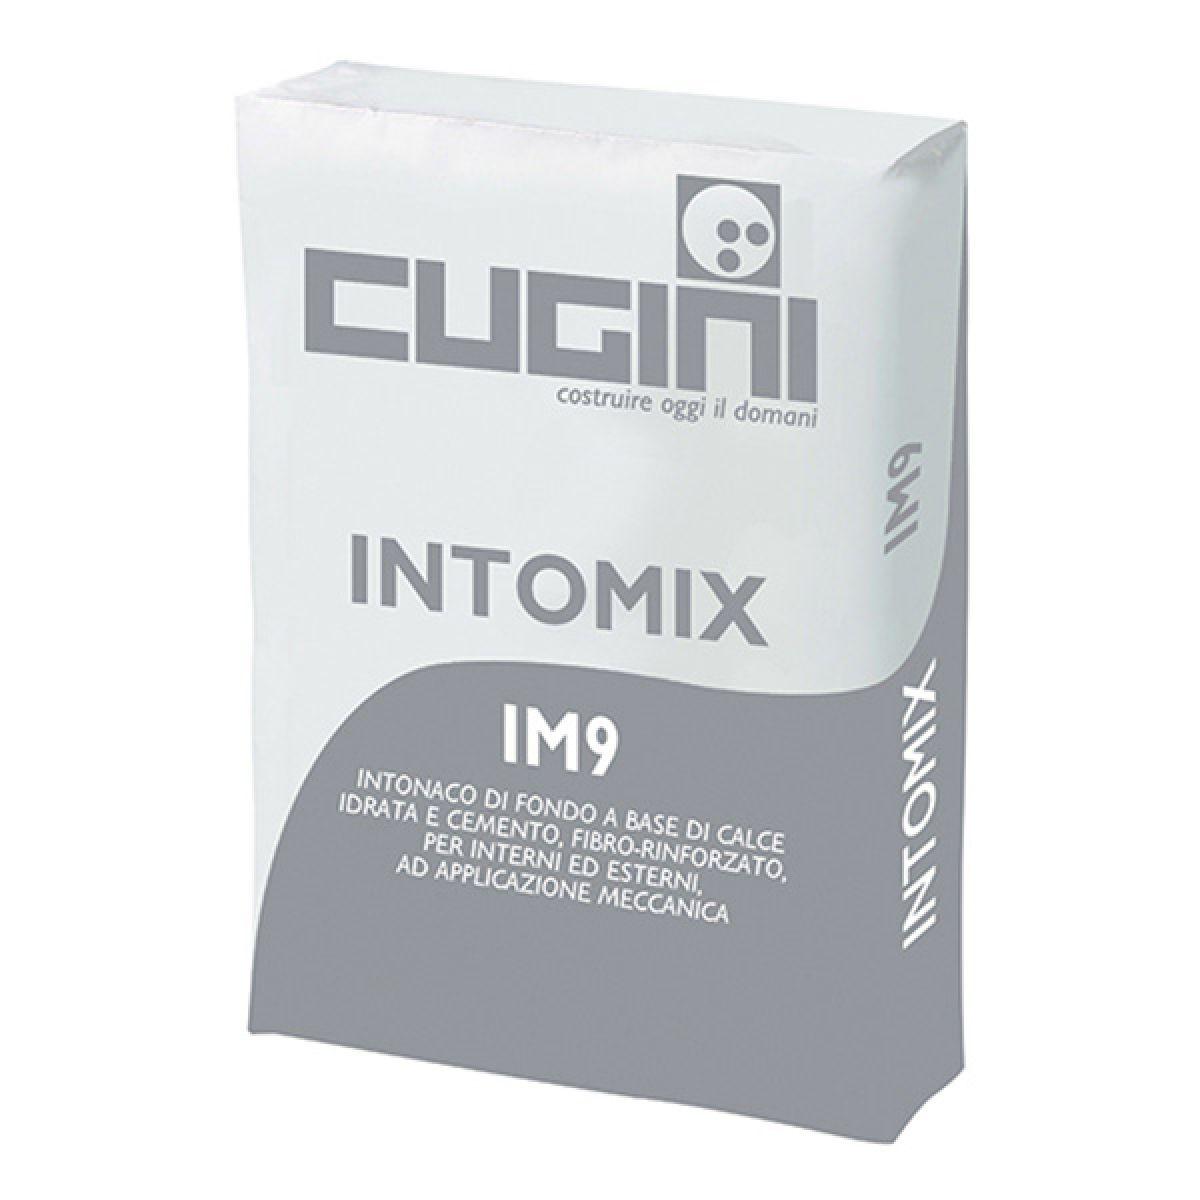 INTOMIX IM9 Intonaco di fondo a base di calce idrata e cemento, fibro-rinforzato, per interni ed esterni